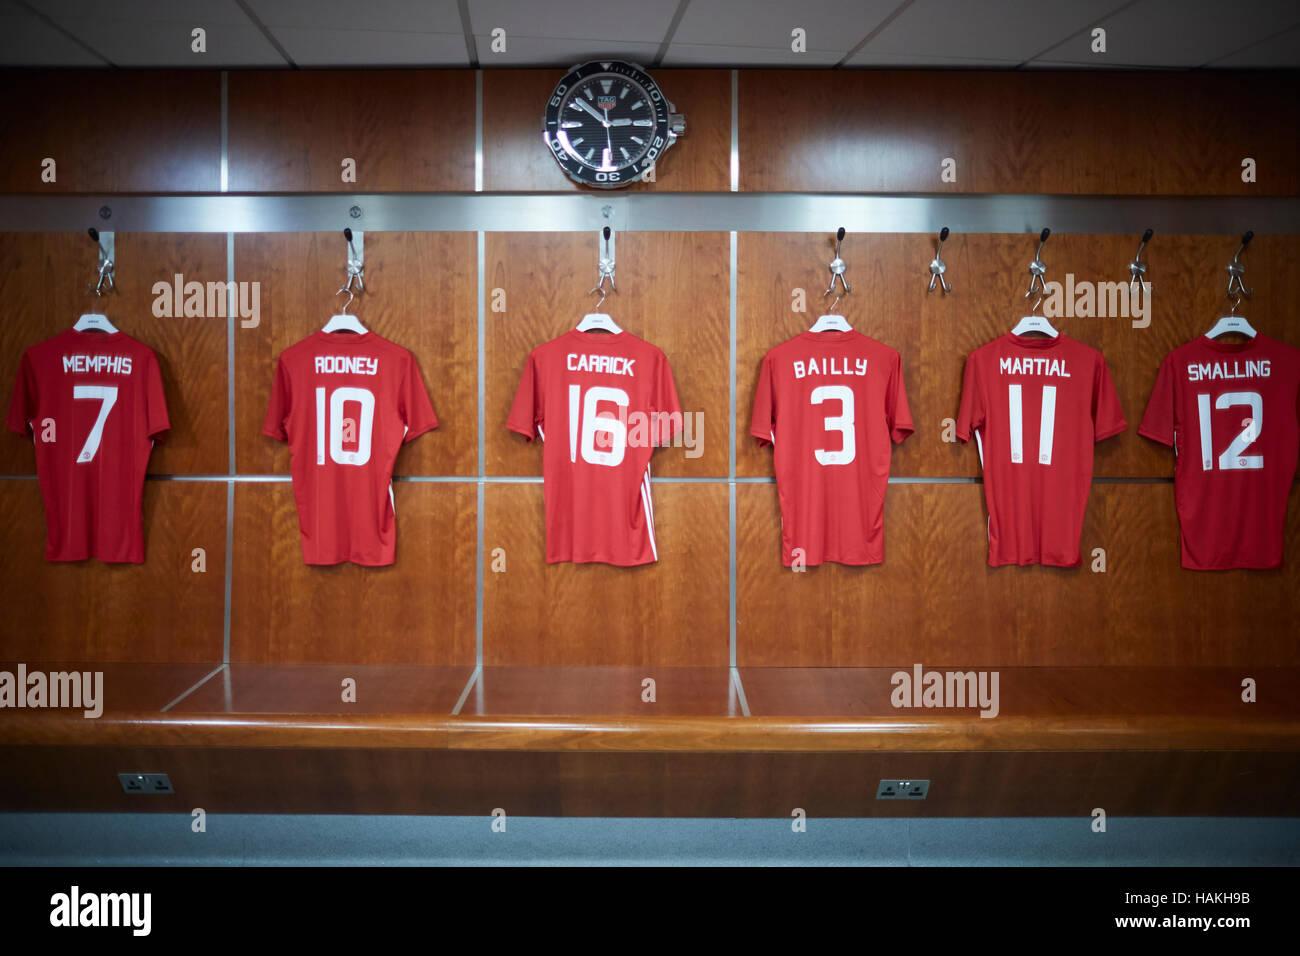 Panchine Spogliatoio Calcio : Lo stadio del manchester united dressingroom spogliatoio calcio